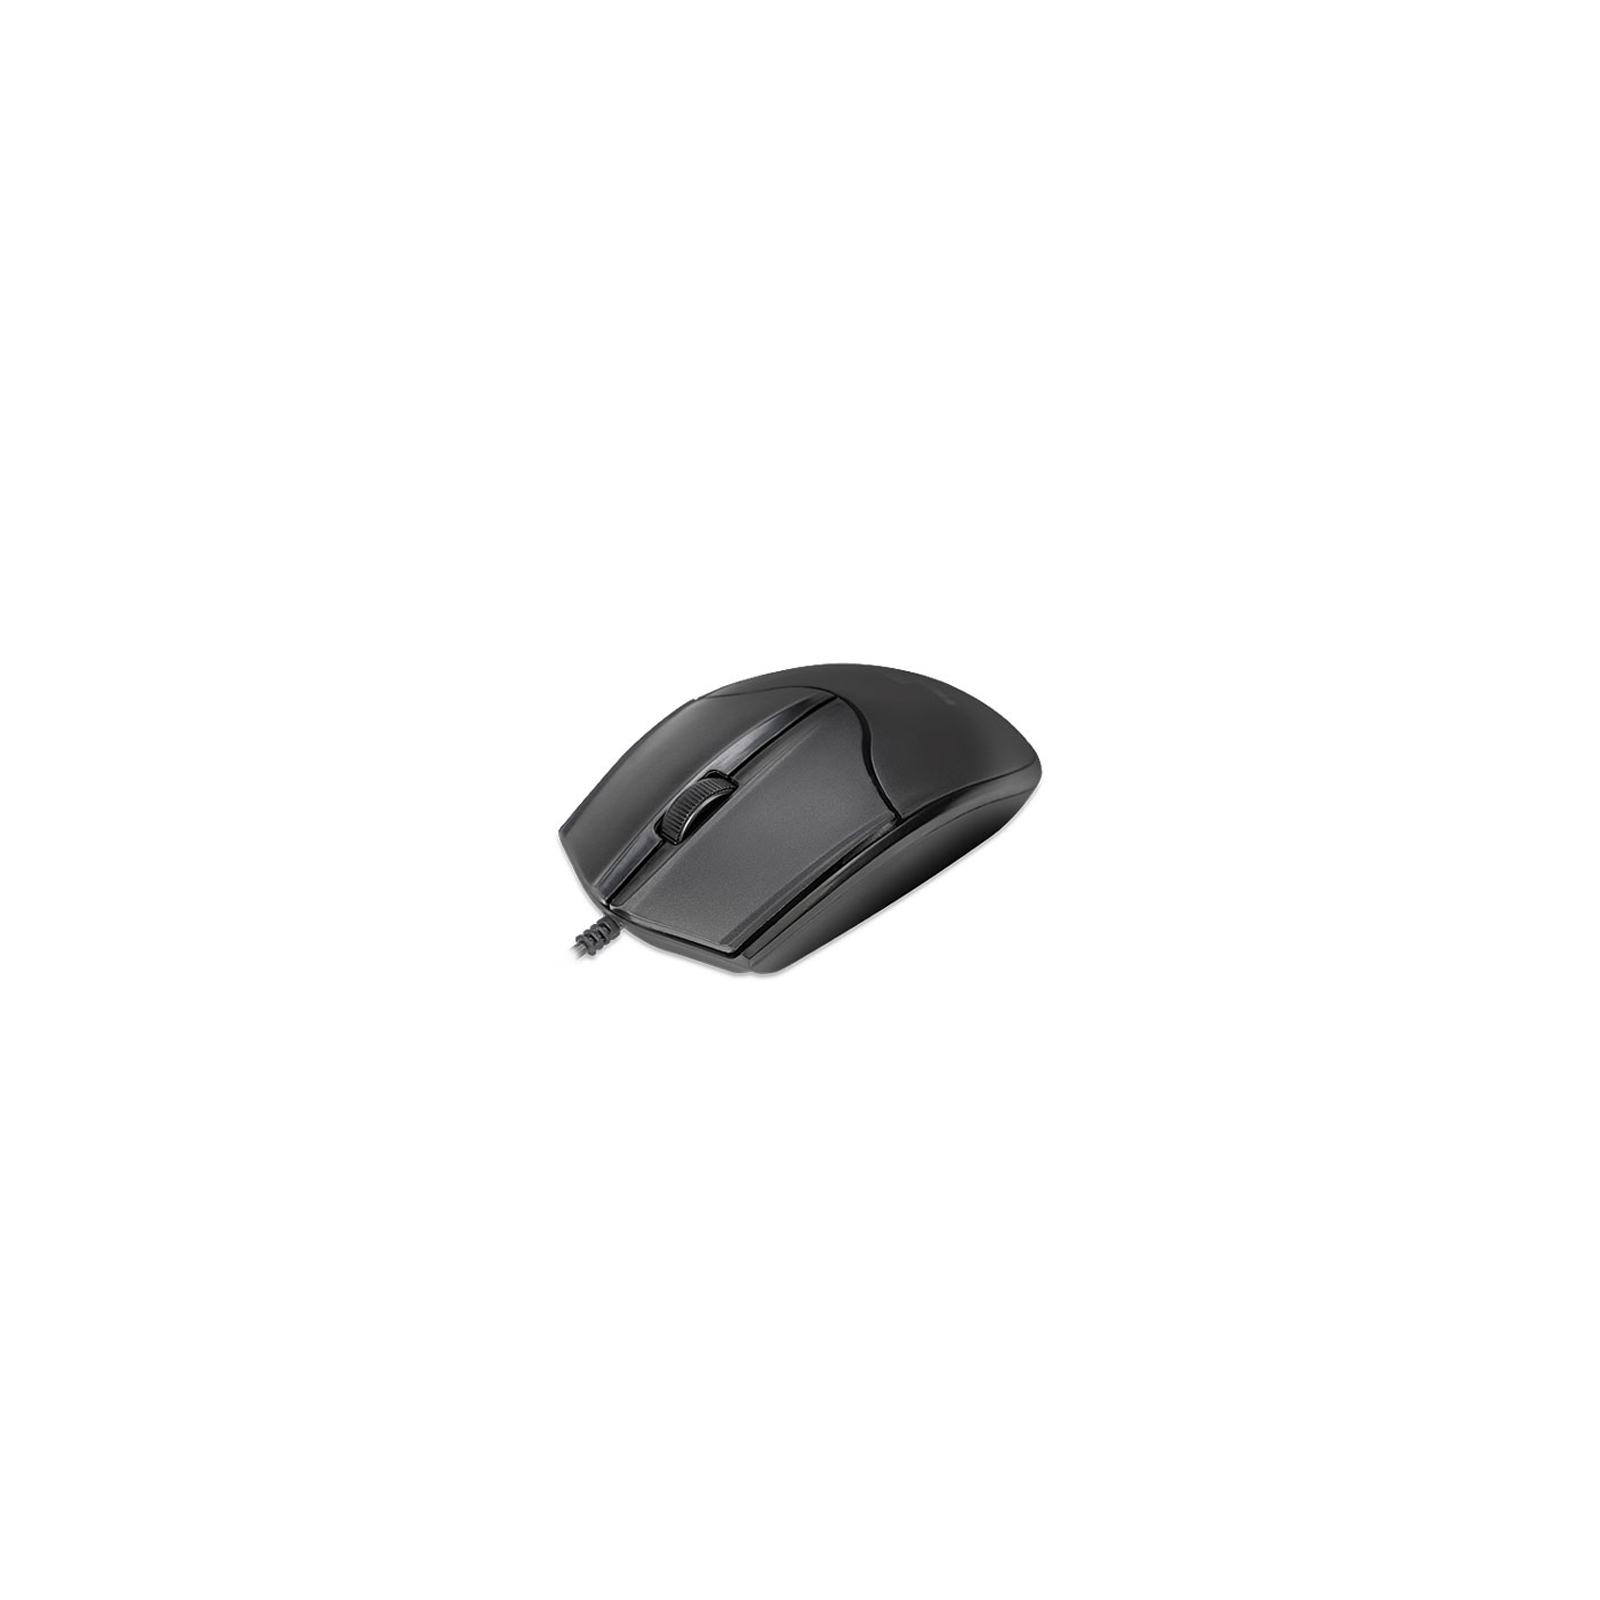 Мышка REAL-EL RM-410 Silent Black